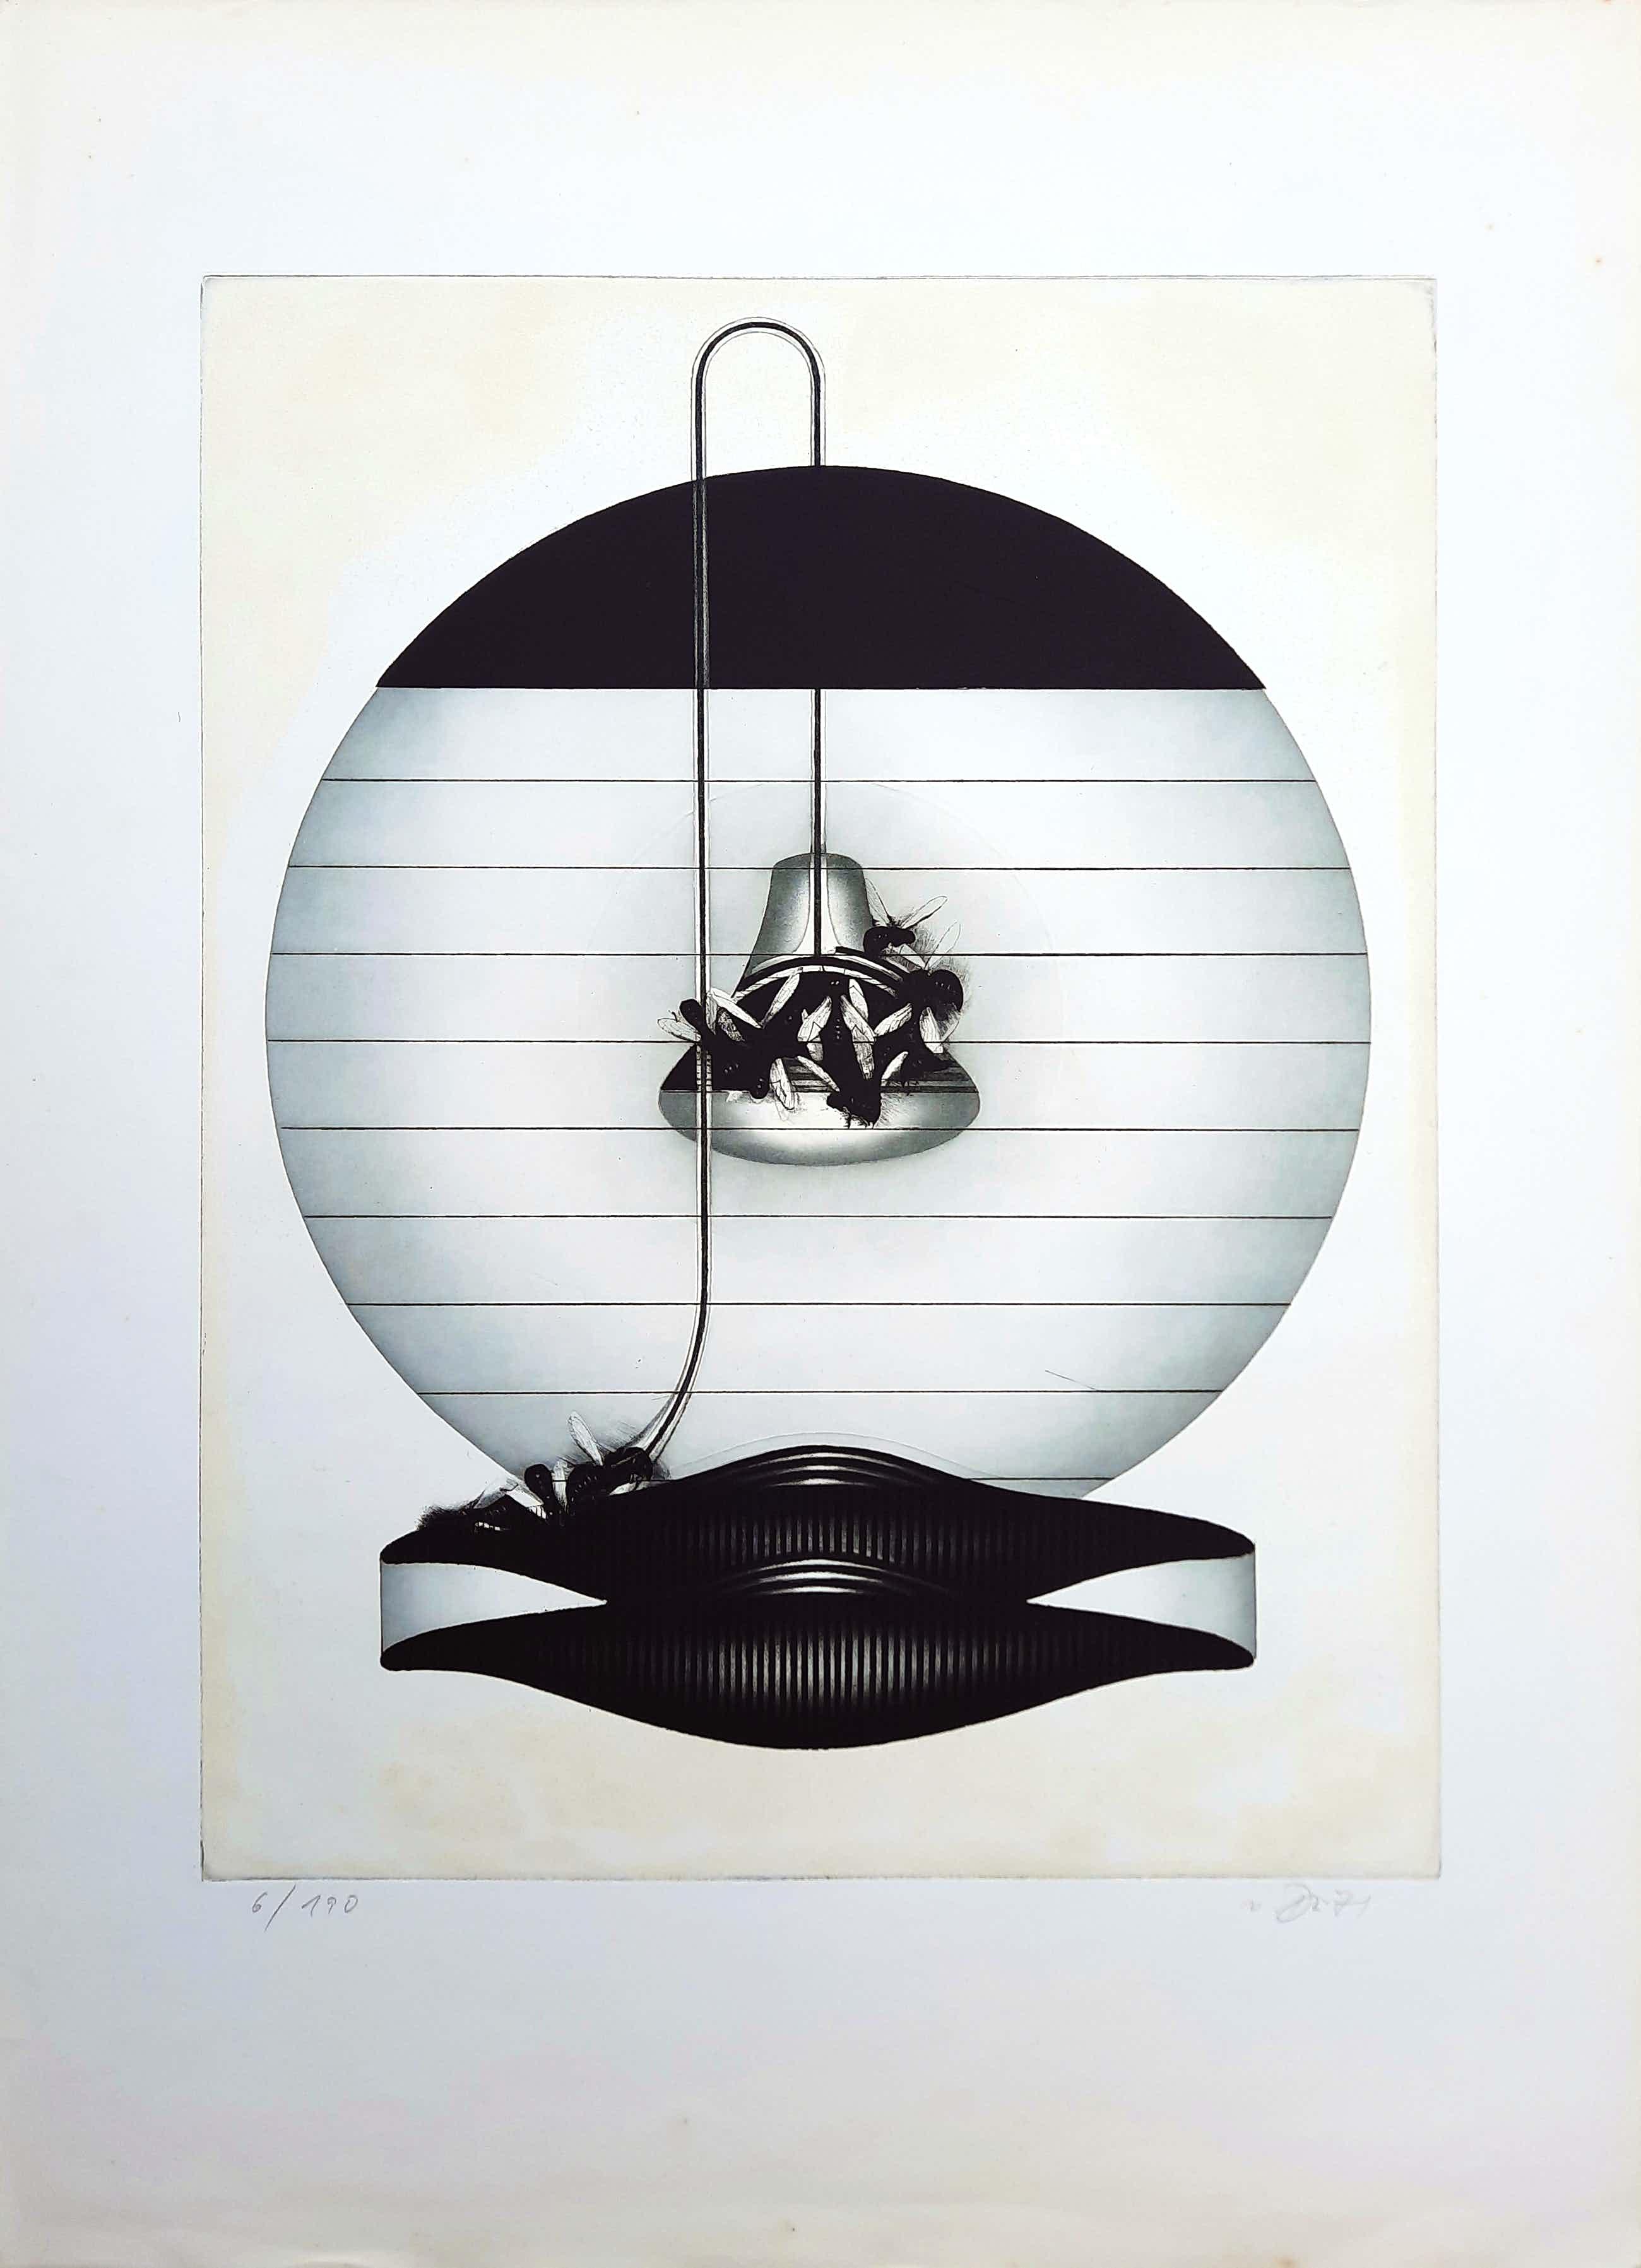 Gerd van Dulmen - Ets / aquatint: wespen - 1971 - 21925 kopen? Bied vanaf 50!